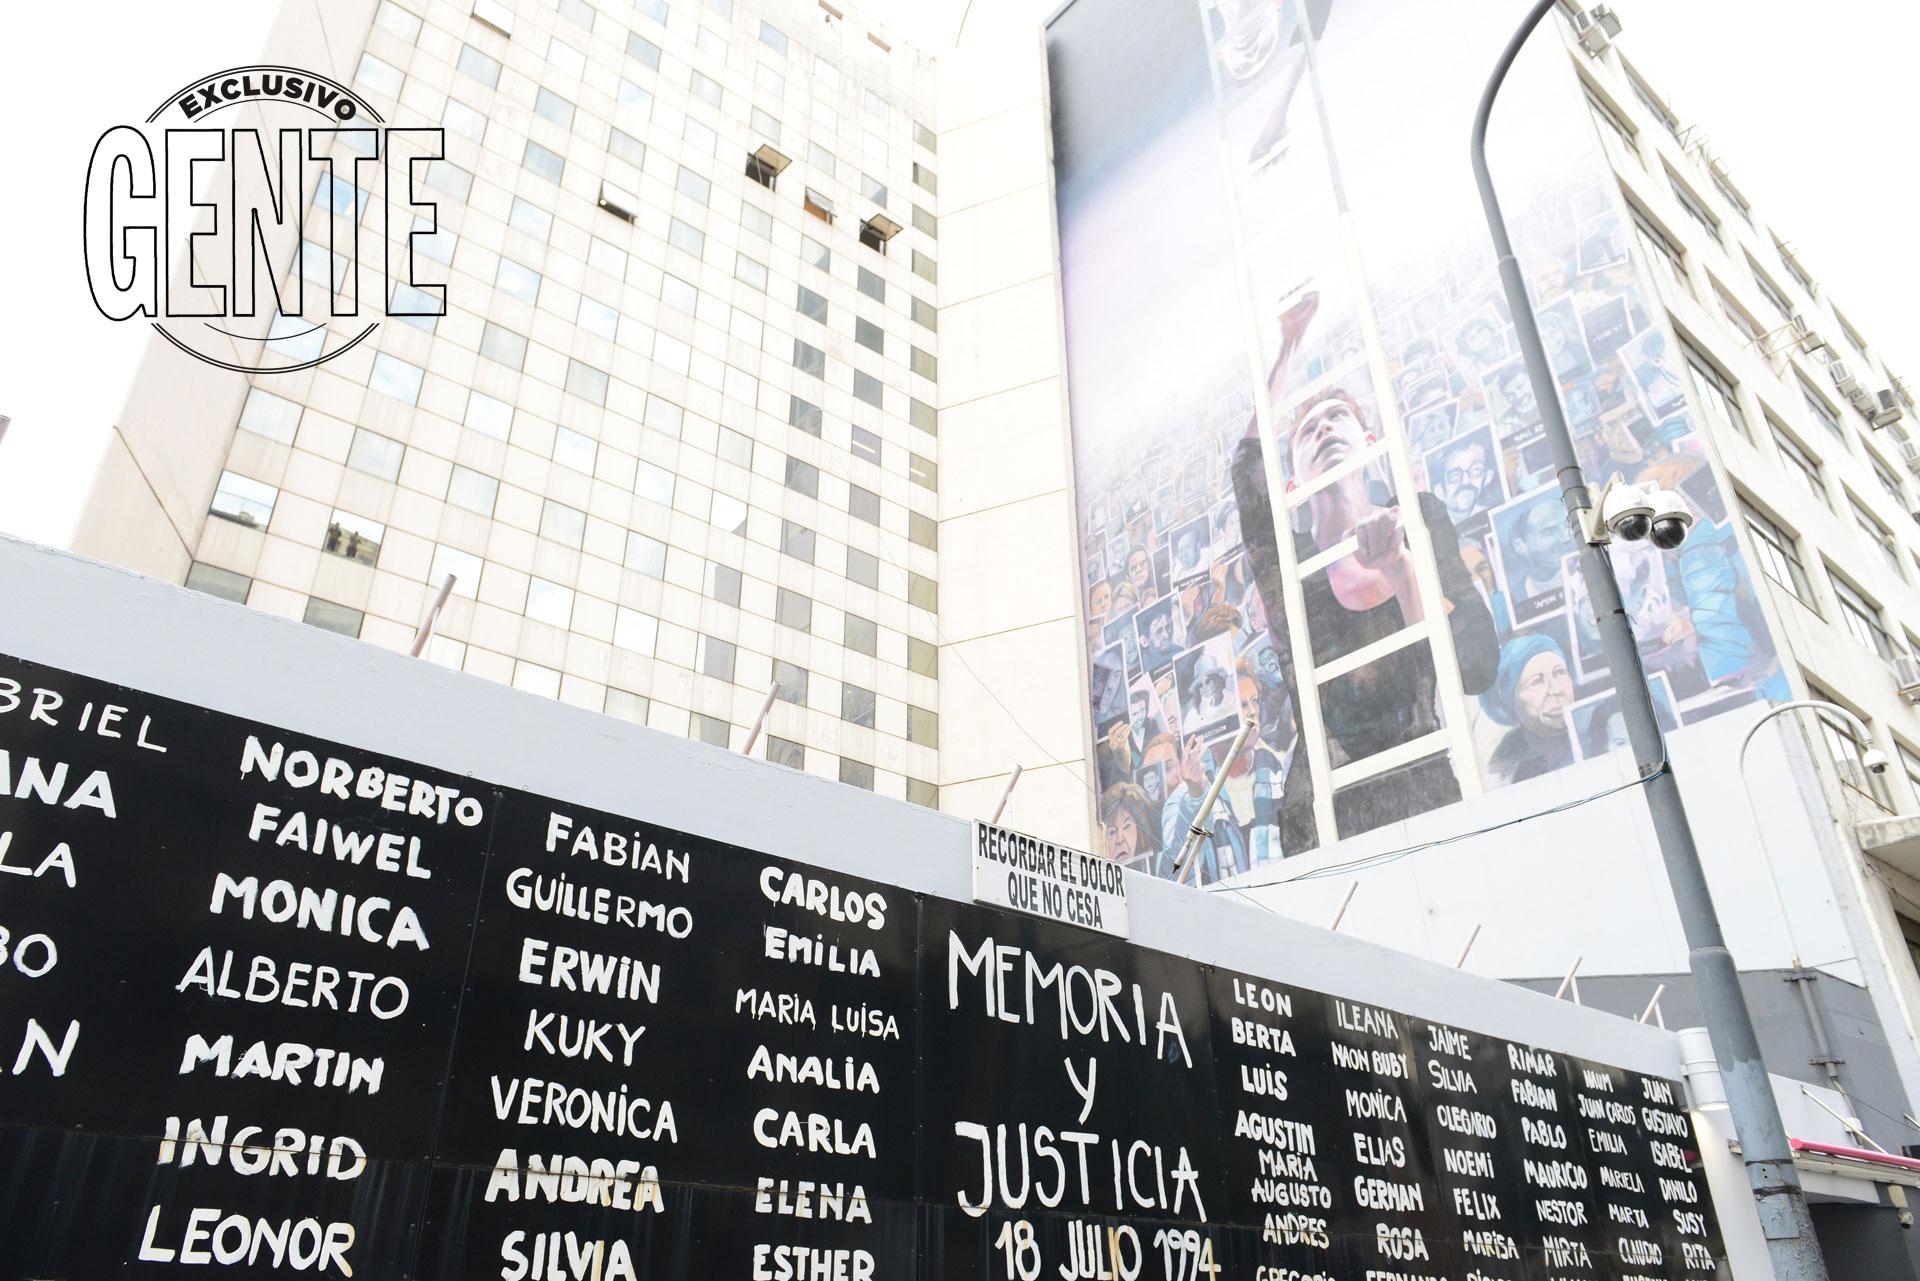 El edificio de la AMIA, que luce un mural conmemorativo por los 25 años del atentado a la AMIA. Foto: Julio César Ruiz/GENTE